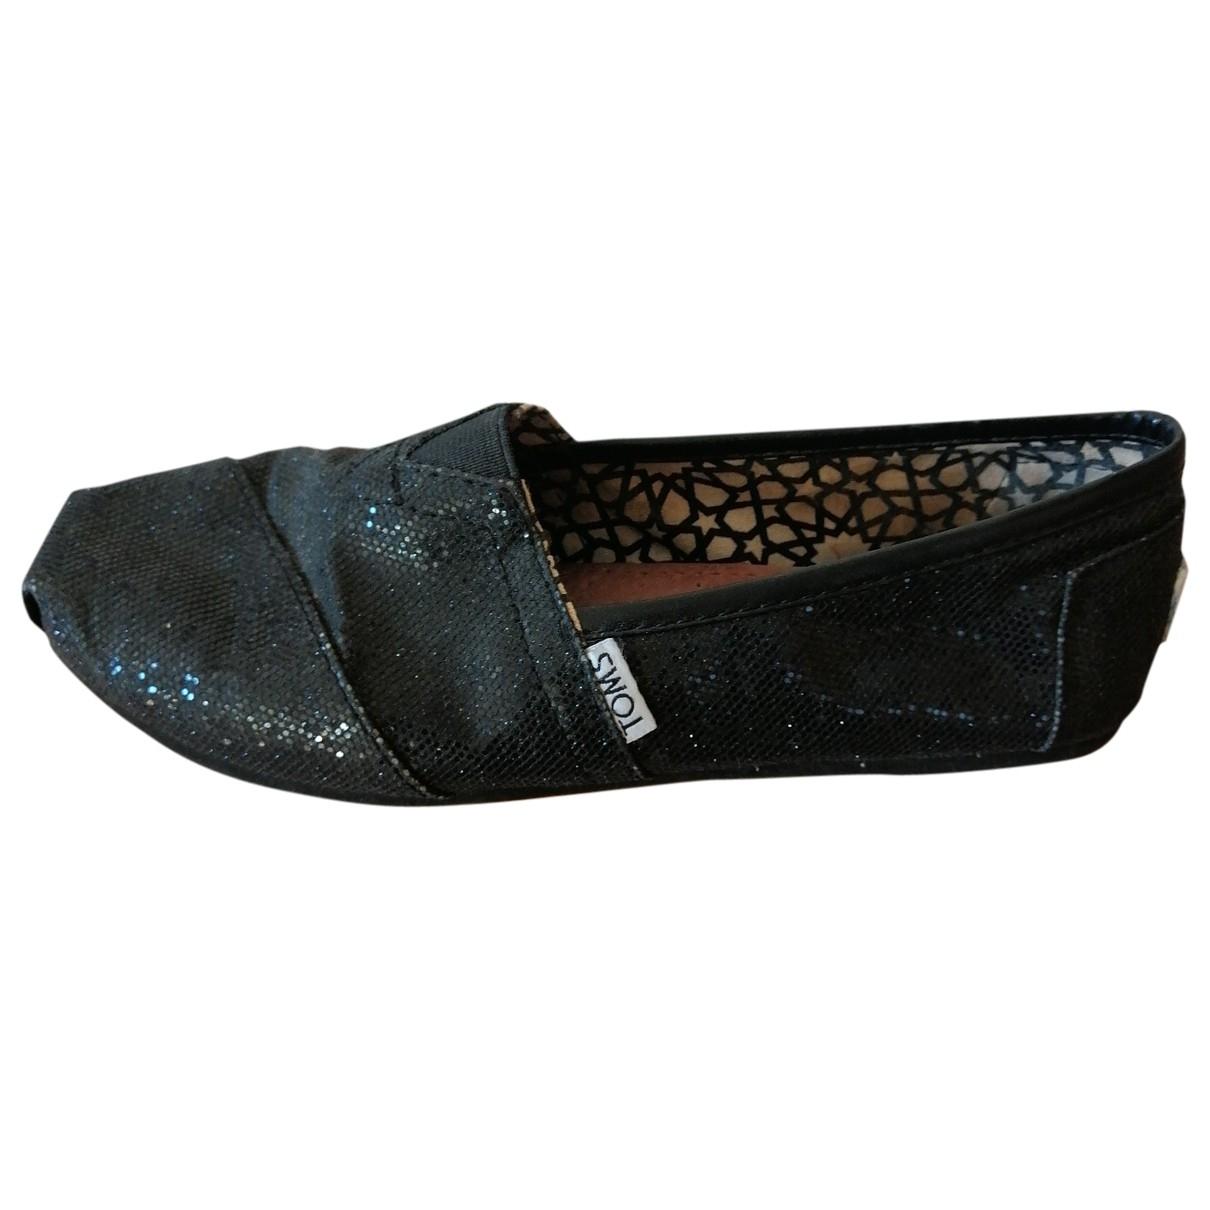 Toms - Espadrilles   pour femme en a paillettes - noir